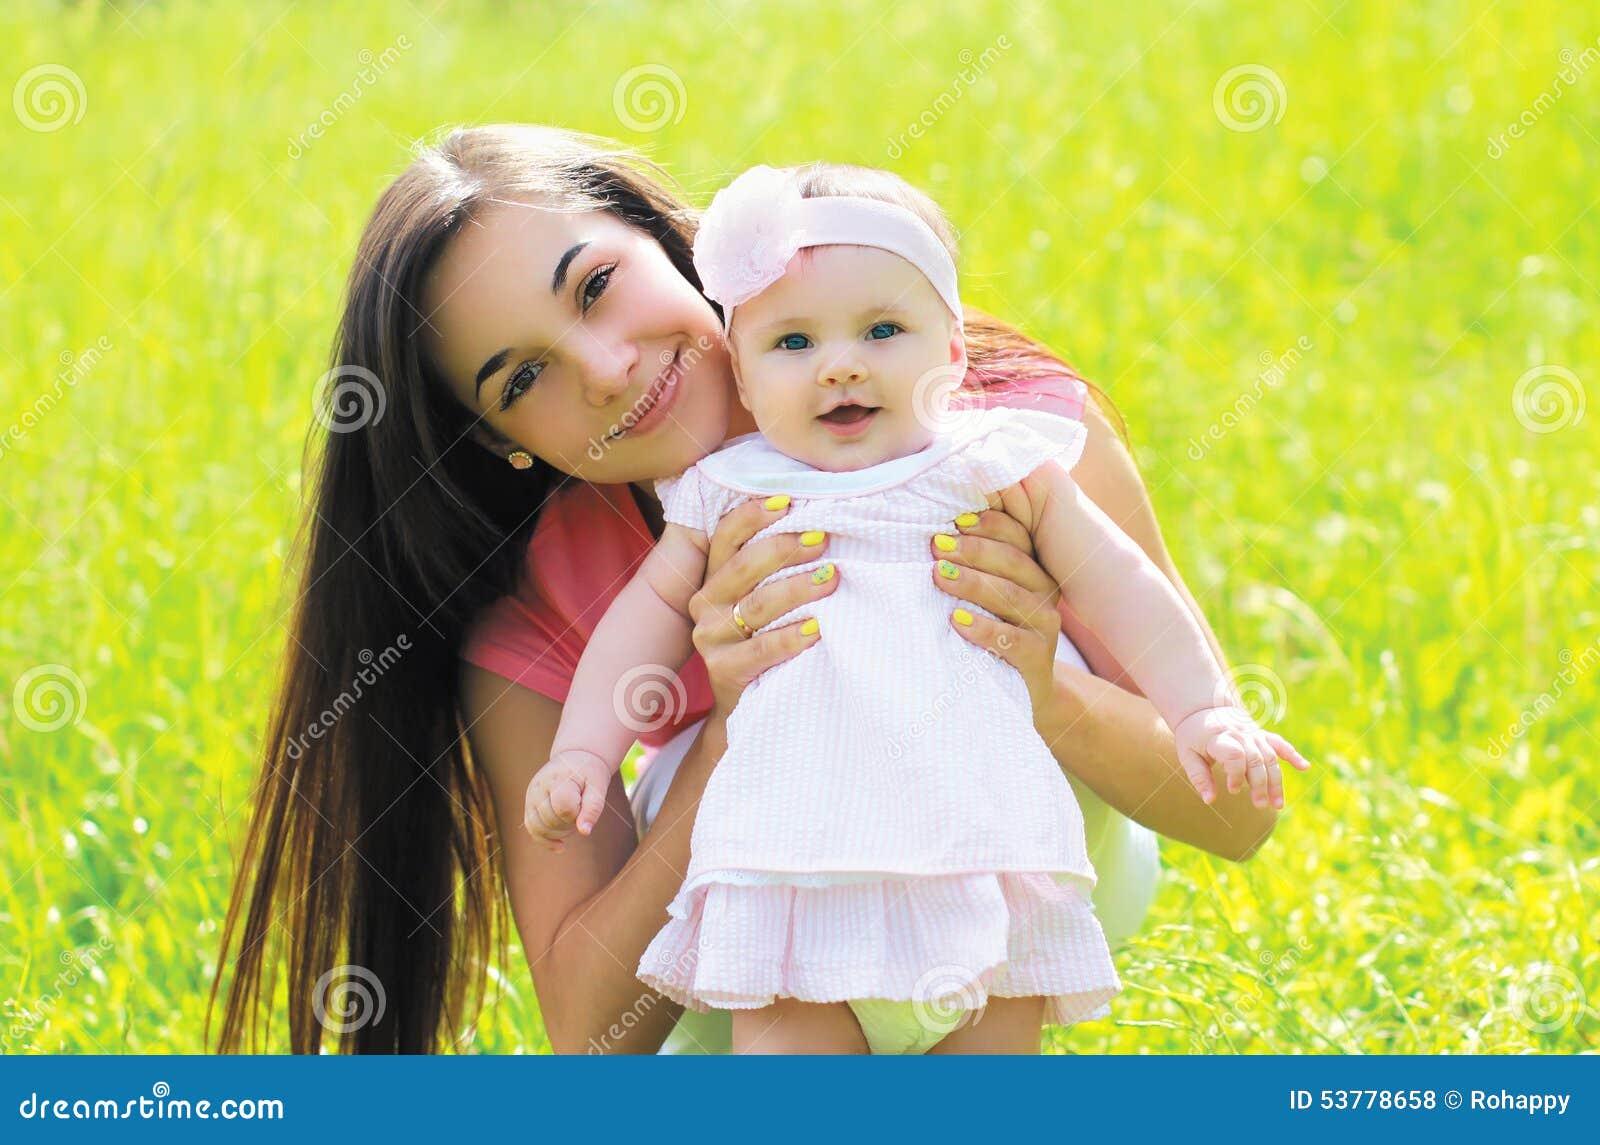 Pogodny portret szczęśliwa potomstwo matka z dzieckiem na trawie